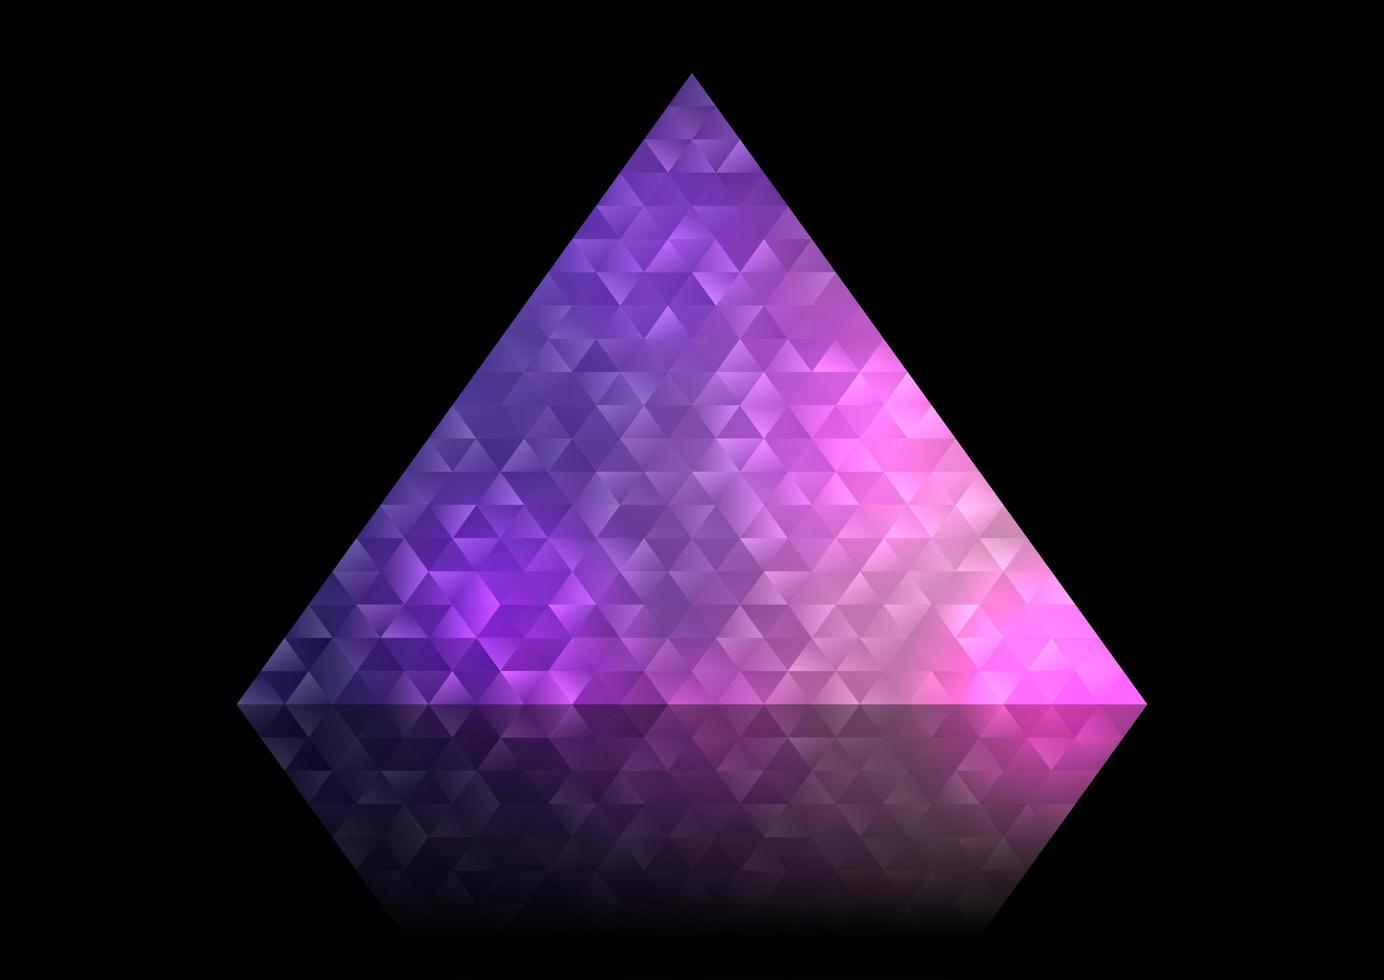 conception de triangle abstrait low poly vecteur